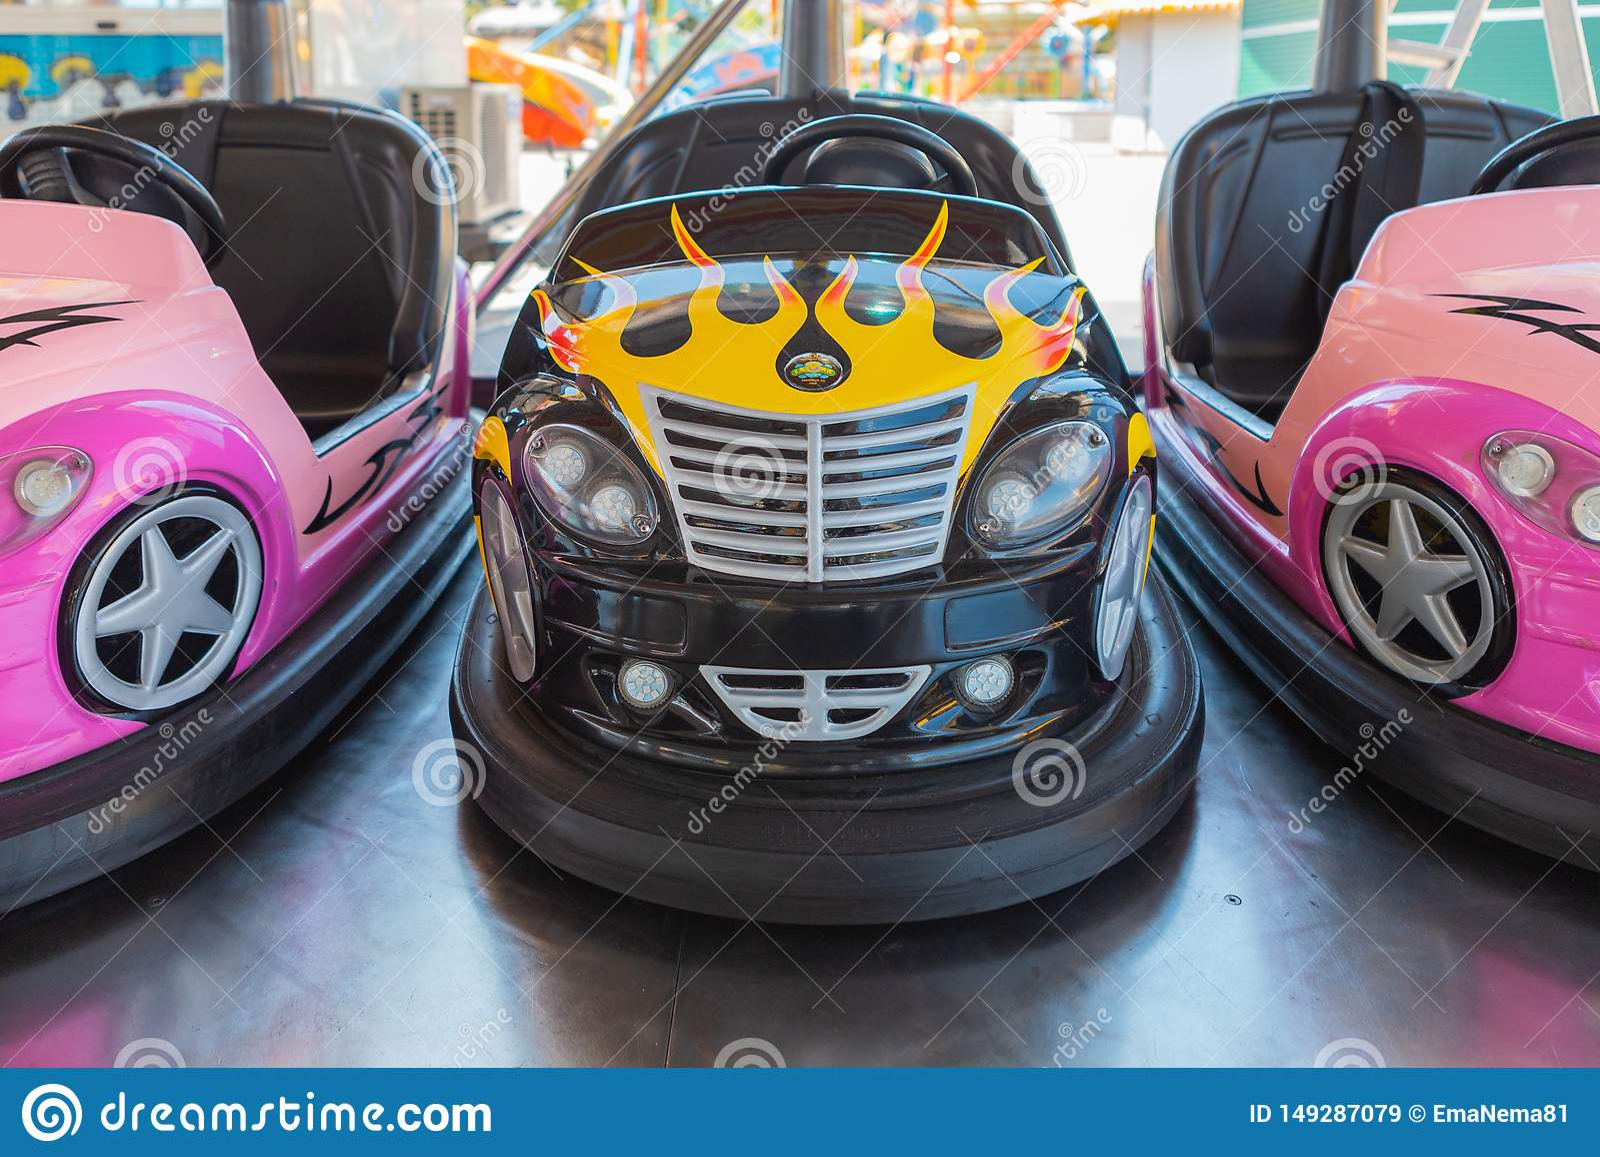 Piccole automobili di paraurti colorate per i bambini